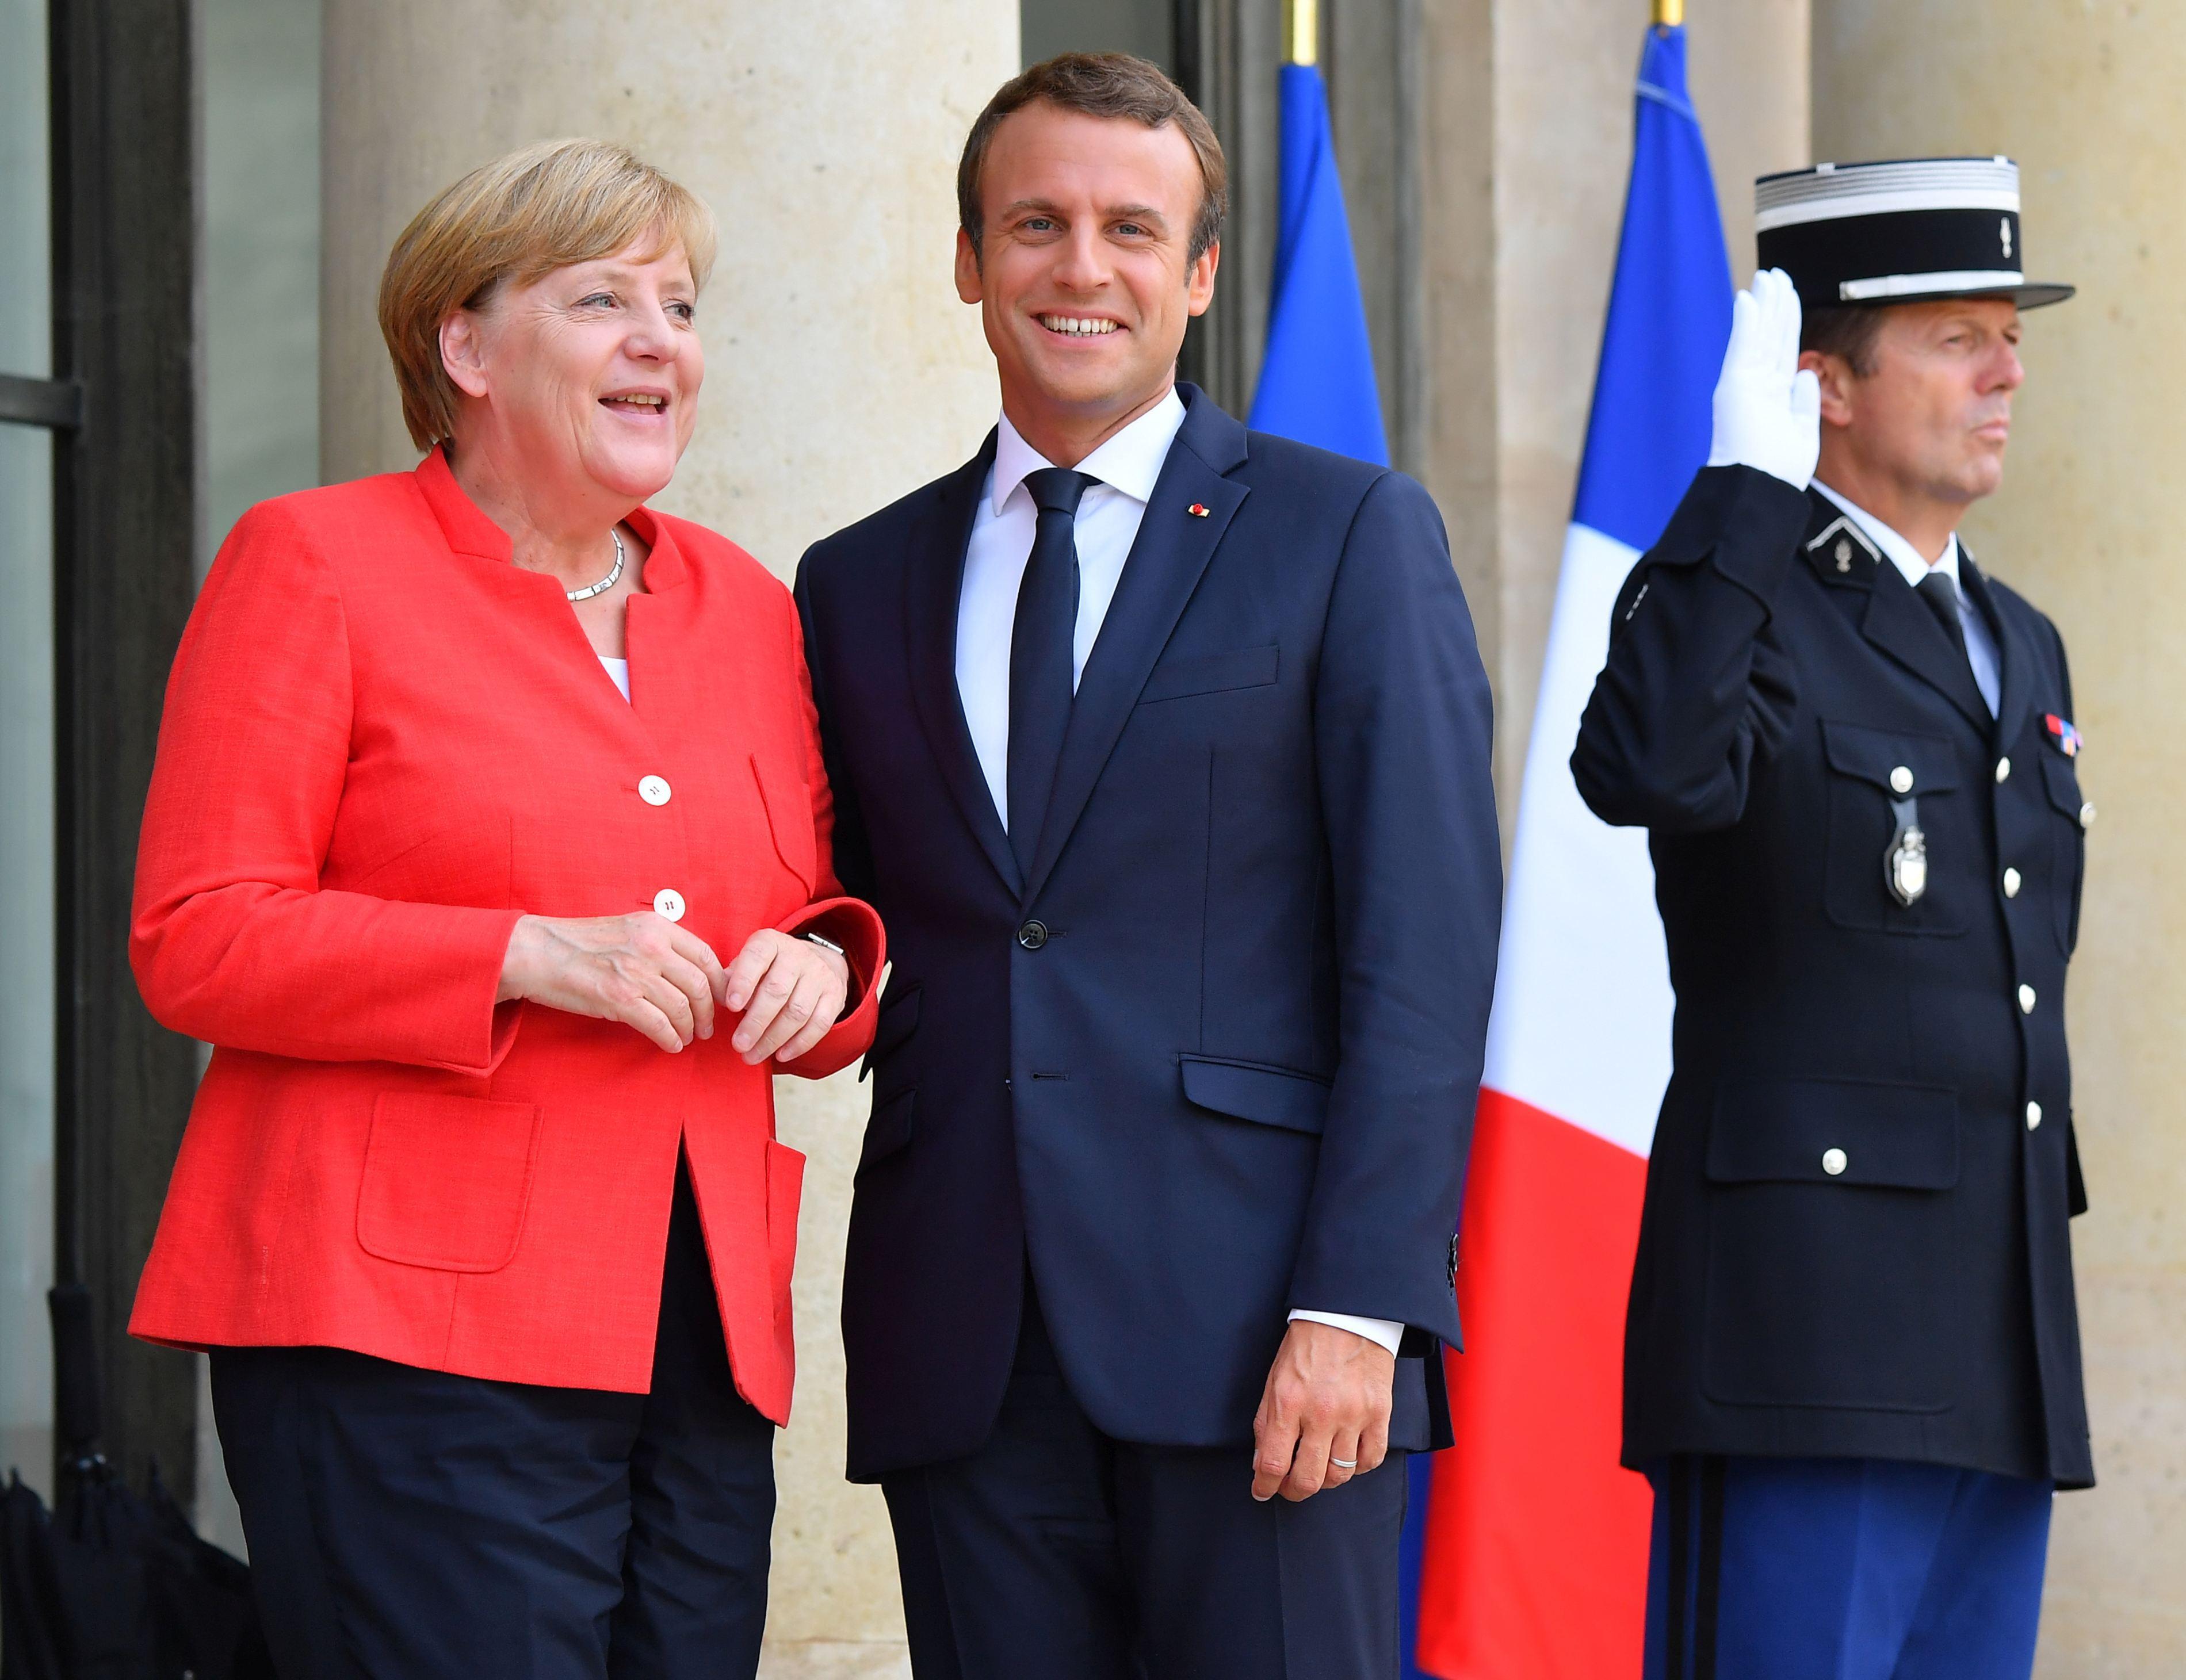 Viziunea lui Emmauel Macron privind revigorarea Europei, mai greu de realizat fără o Germanie `puternică`